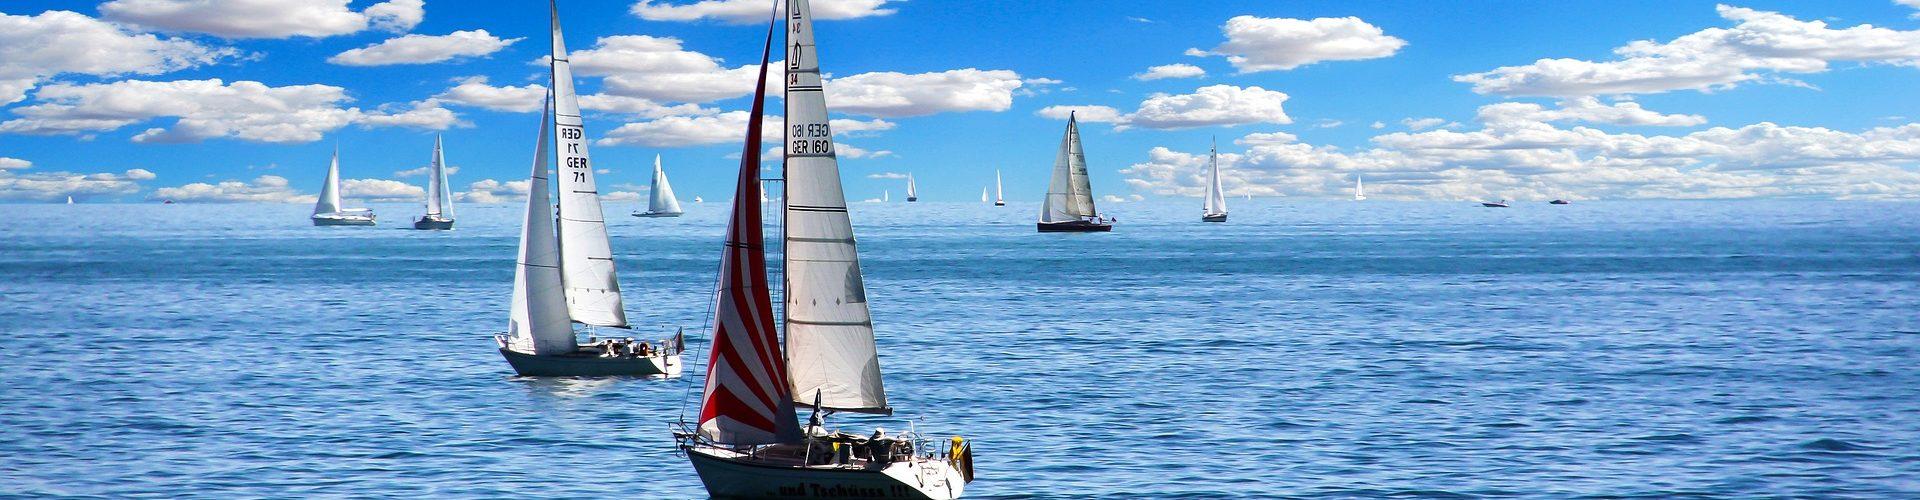 segeln lernen in Goch segelschein machen in Goch 1920x500 - Segeln lernen in Goch